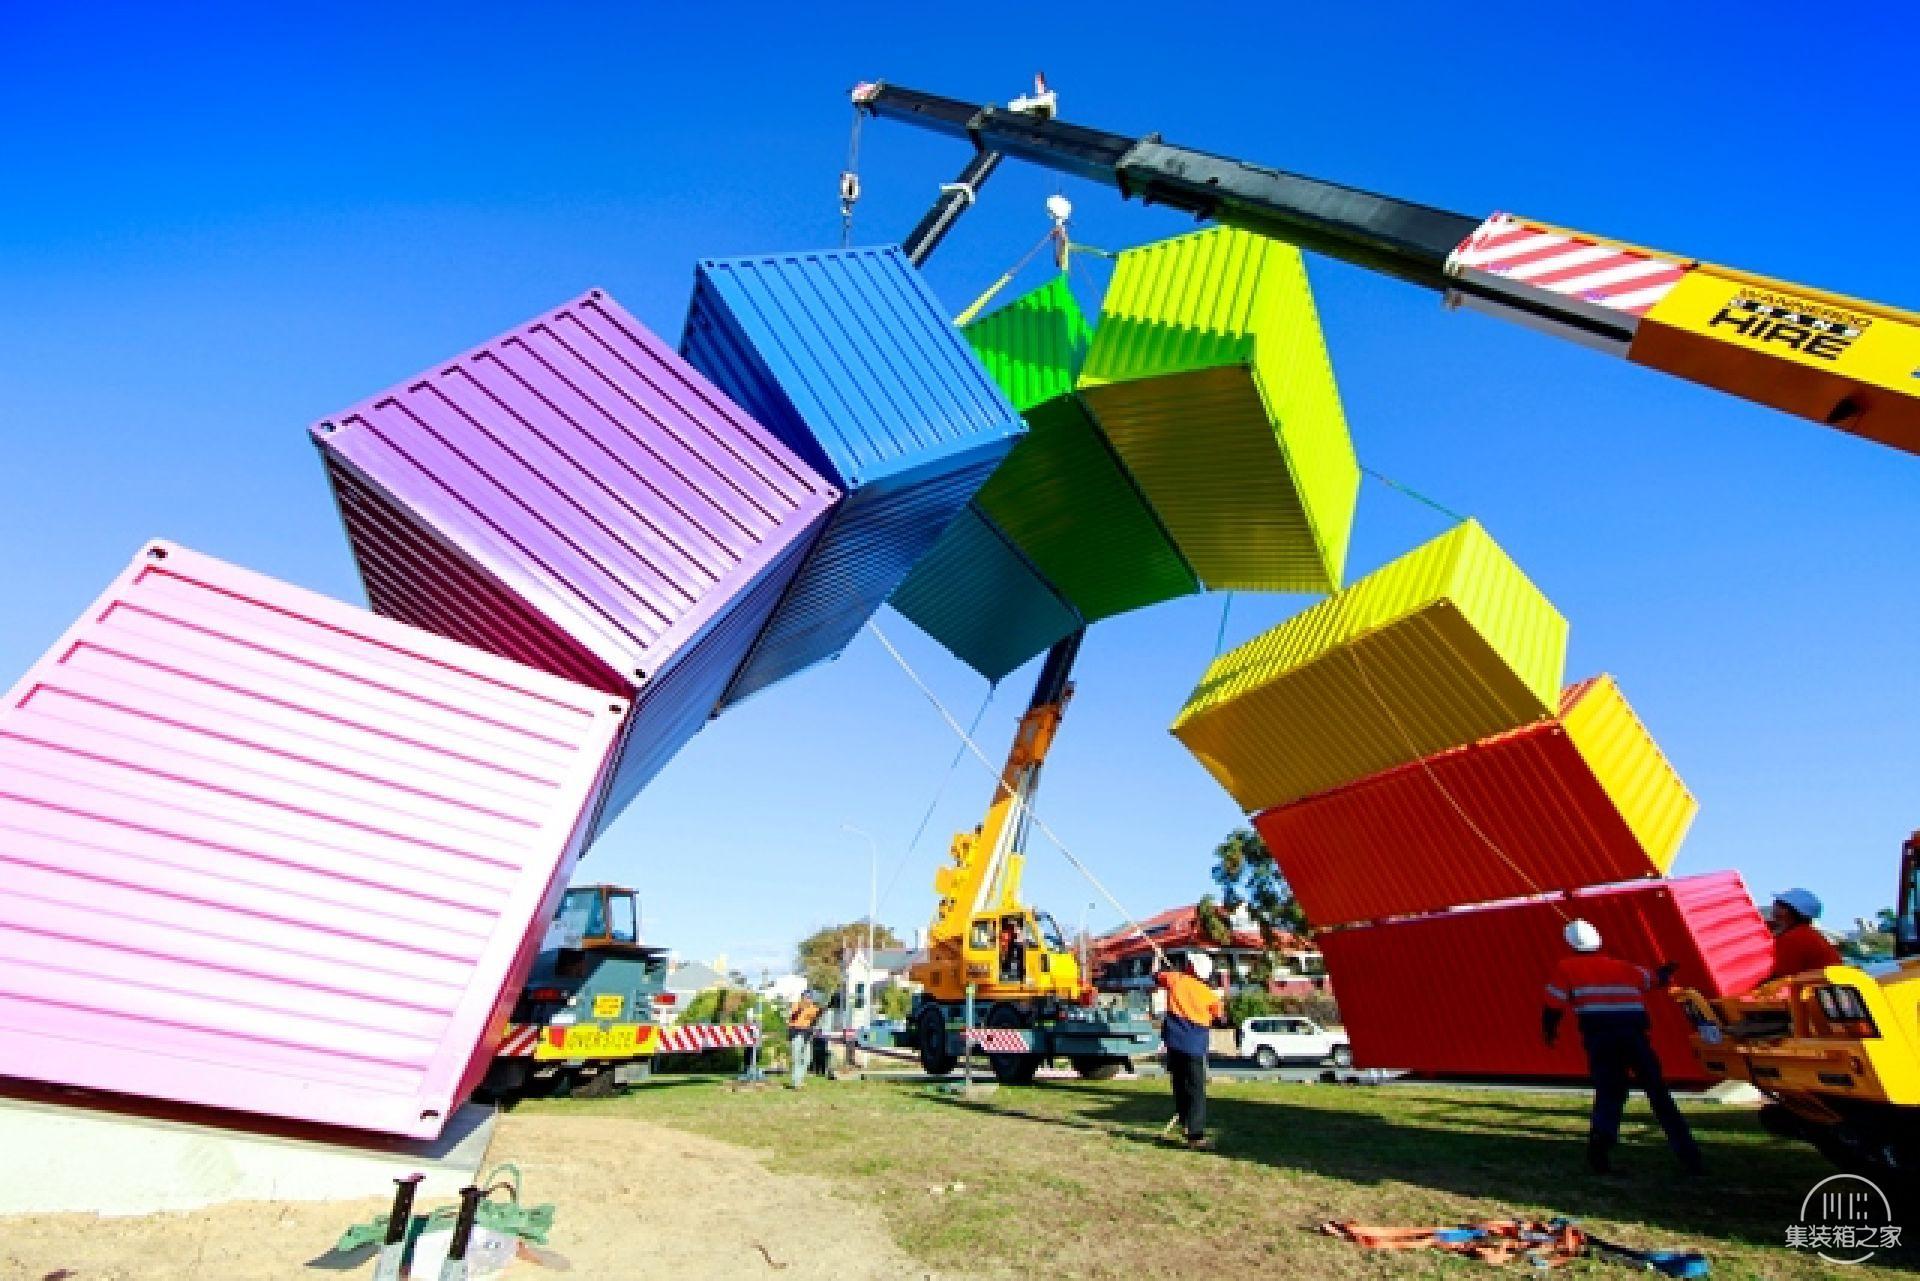 集装箱彩虹这个结构看起来异想天开却不得不佩服艺术家的想象-8.jpg